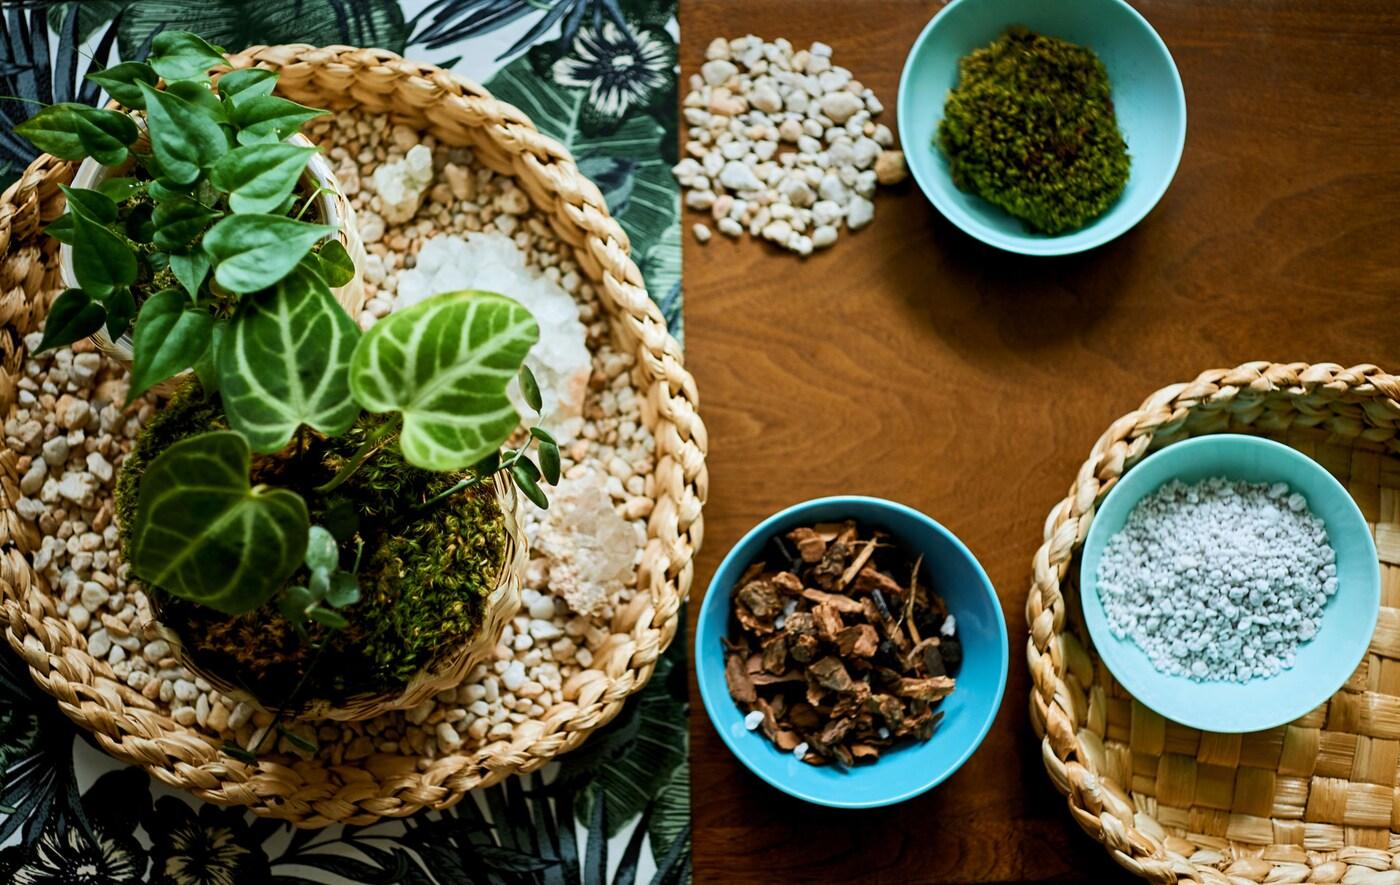 Bord med et stykke stof med botanisk print, en bakke med en lille planteudstilling og skåle med plantematerialer.